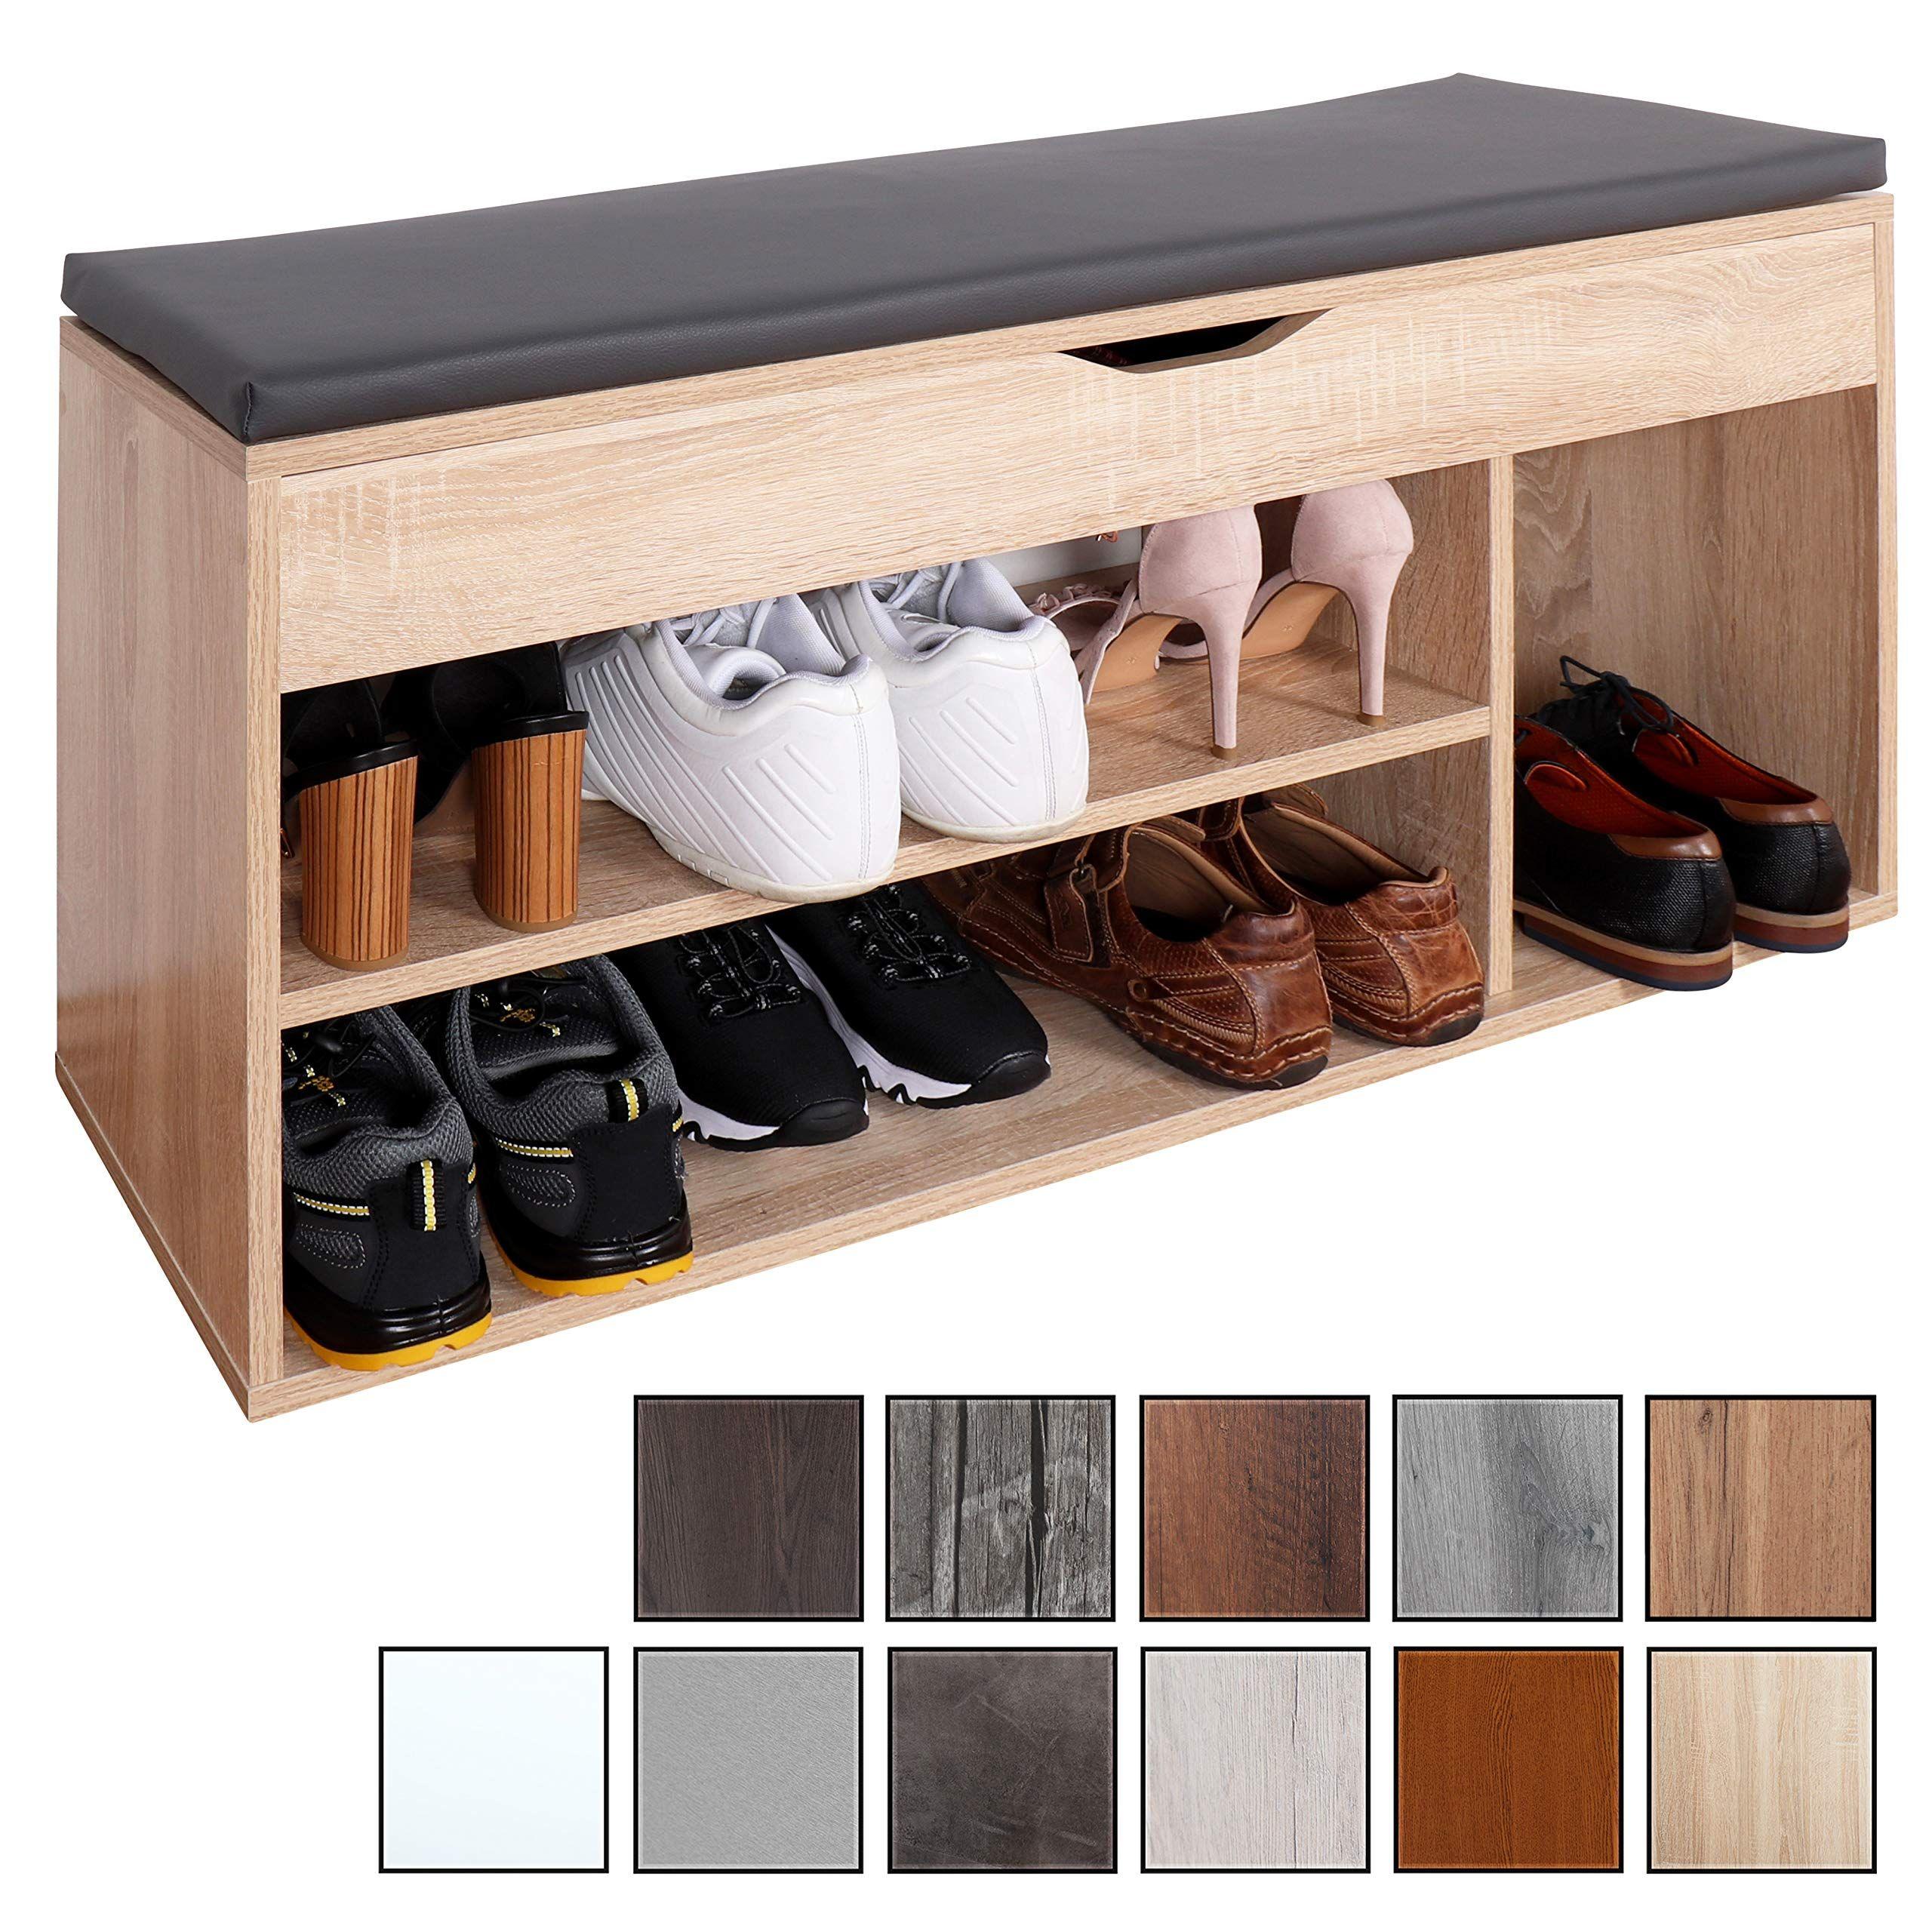 Ricoo Wm034 Es A Meuble A Chaussures 103x49x30cm Banc Coffre Rangement Commode Banquette Me Meuble Rangement Banc Coffre De Rangement Rangement Chaussures